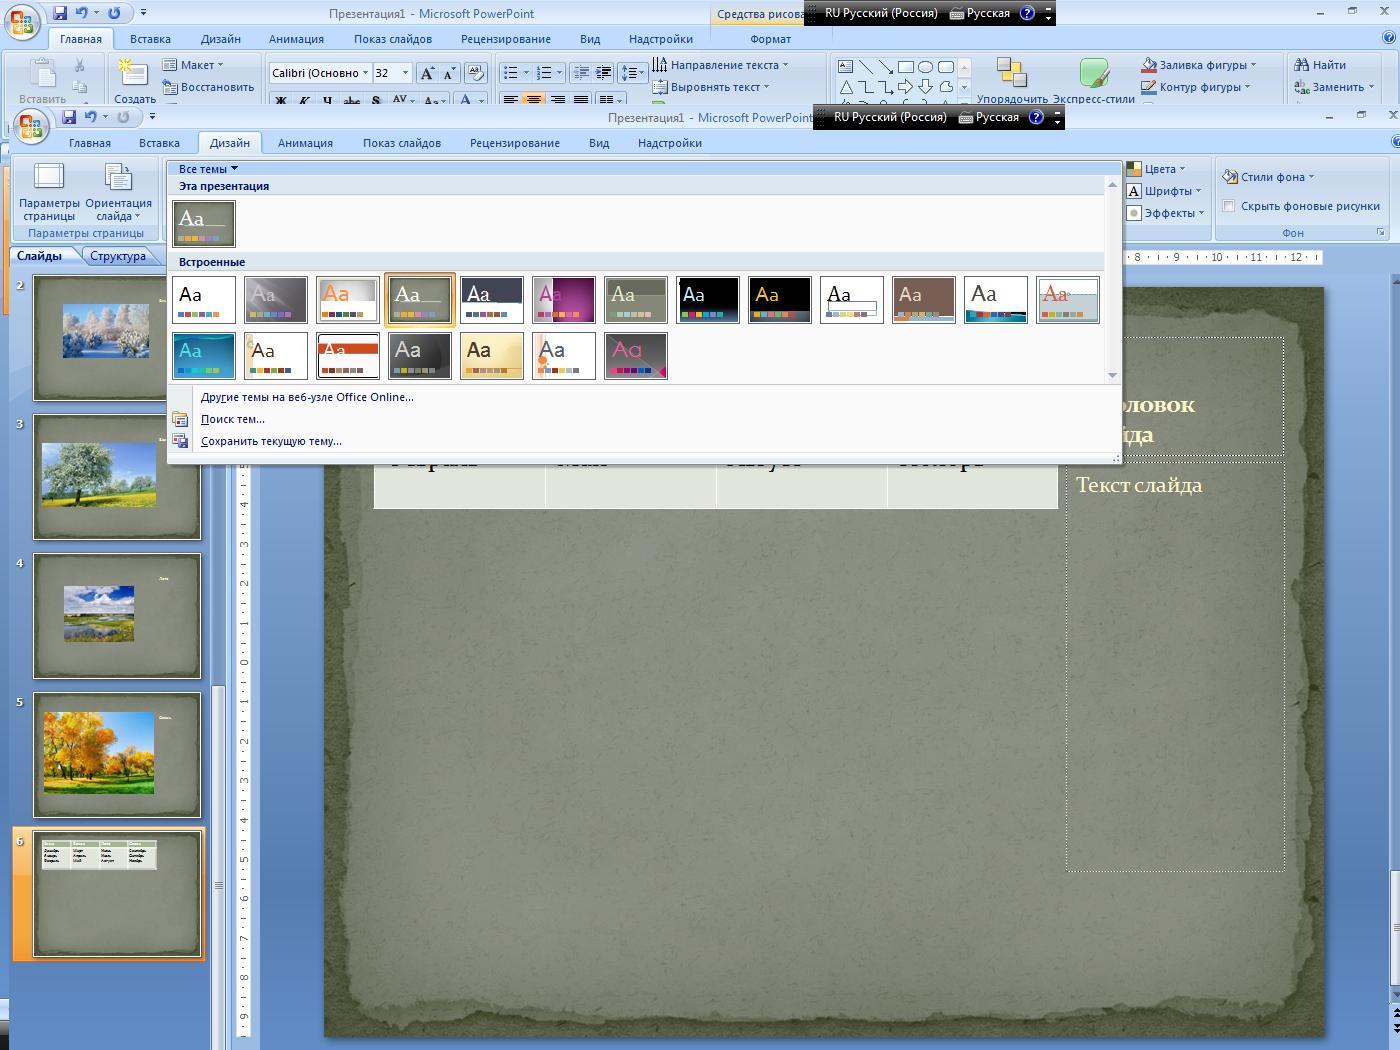 hello_html_m2710a7.jpg